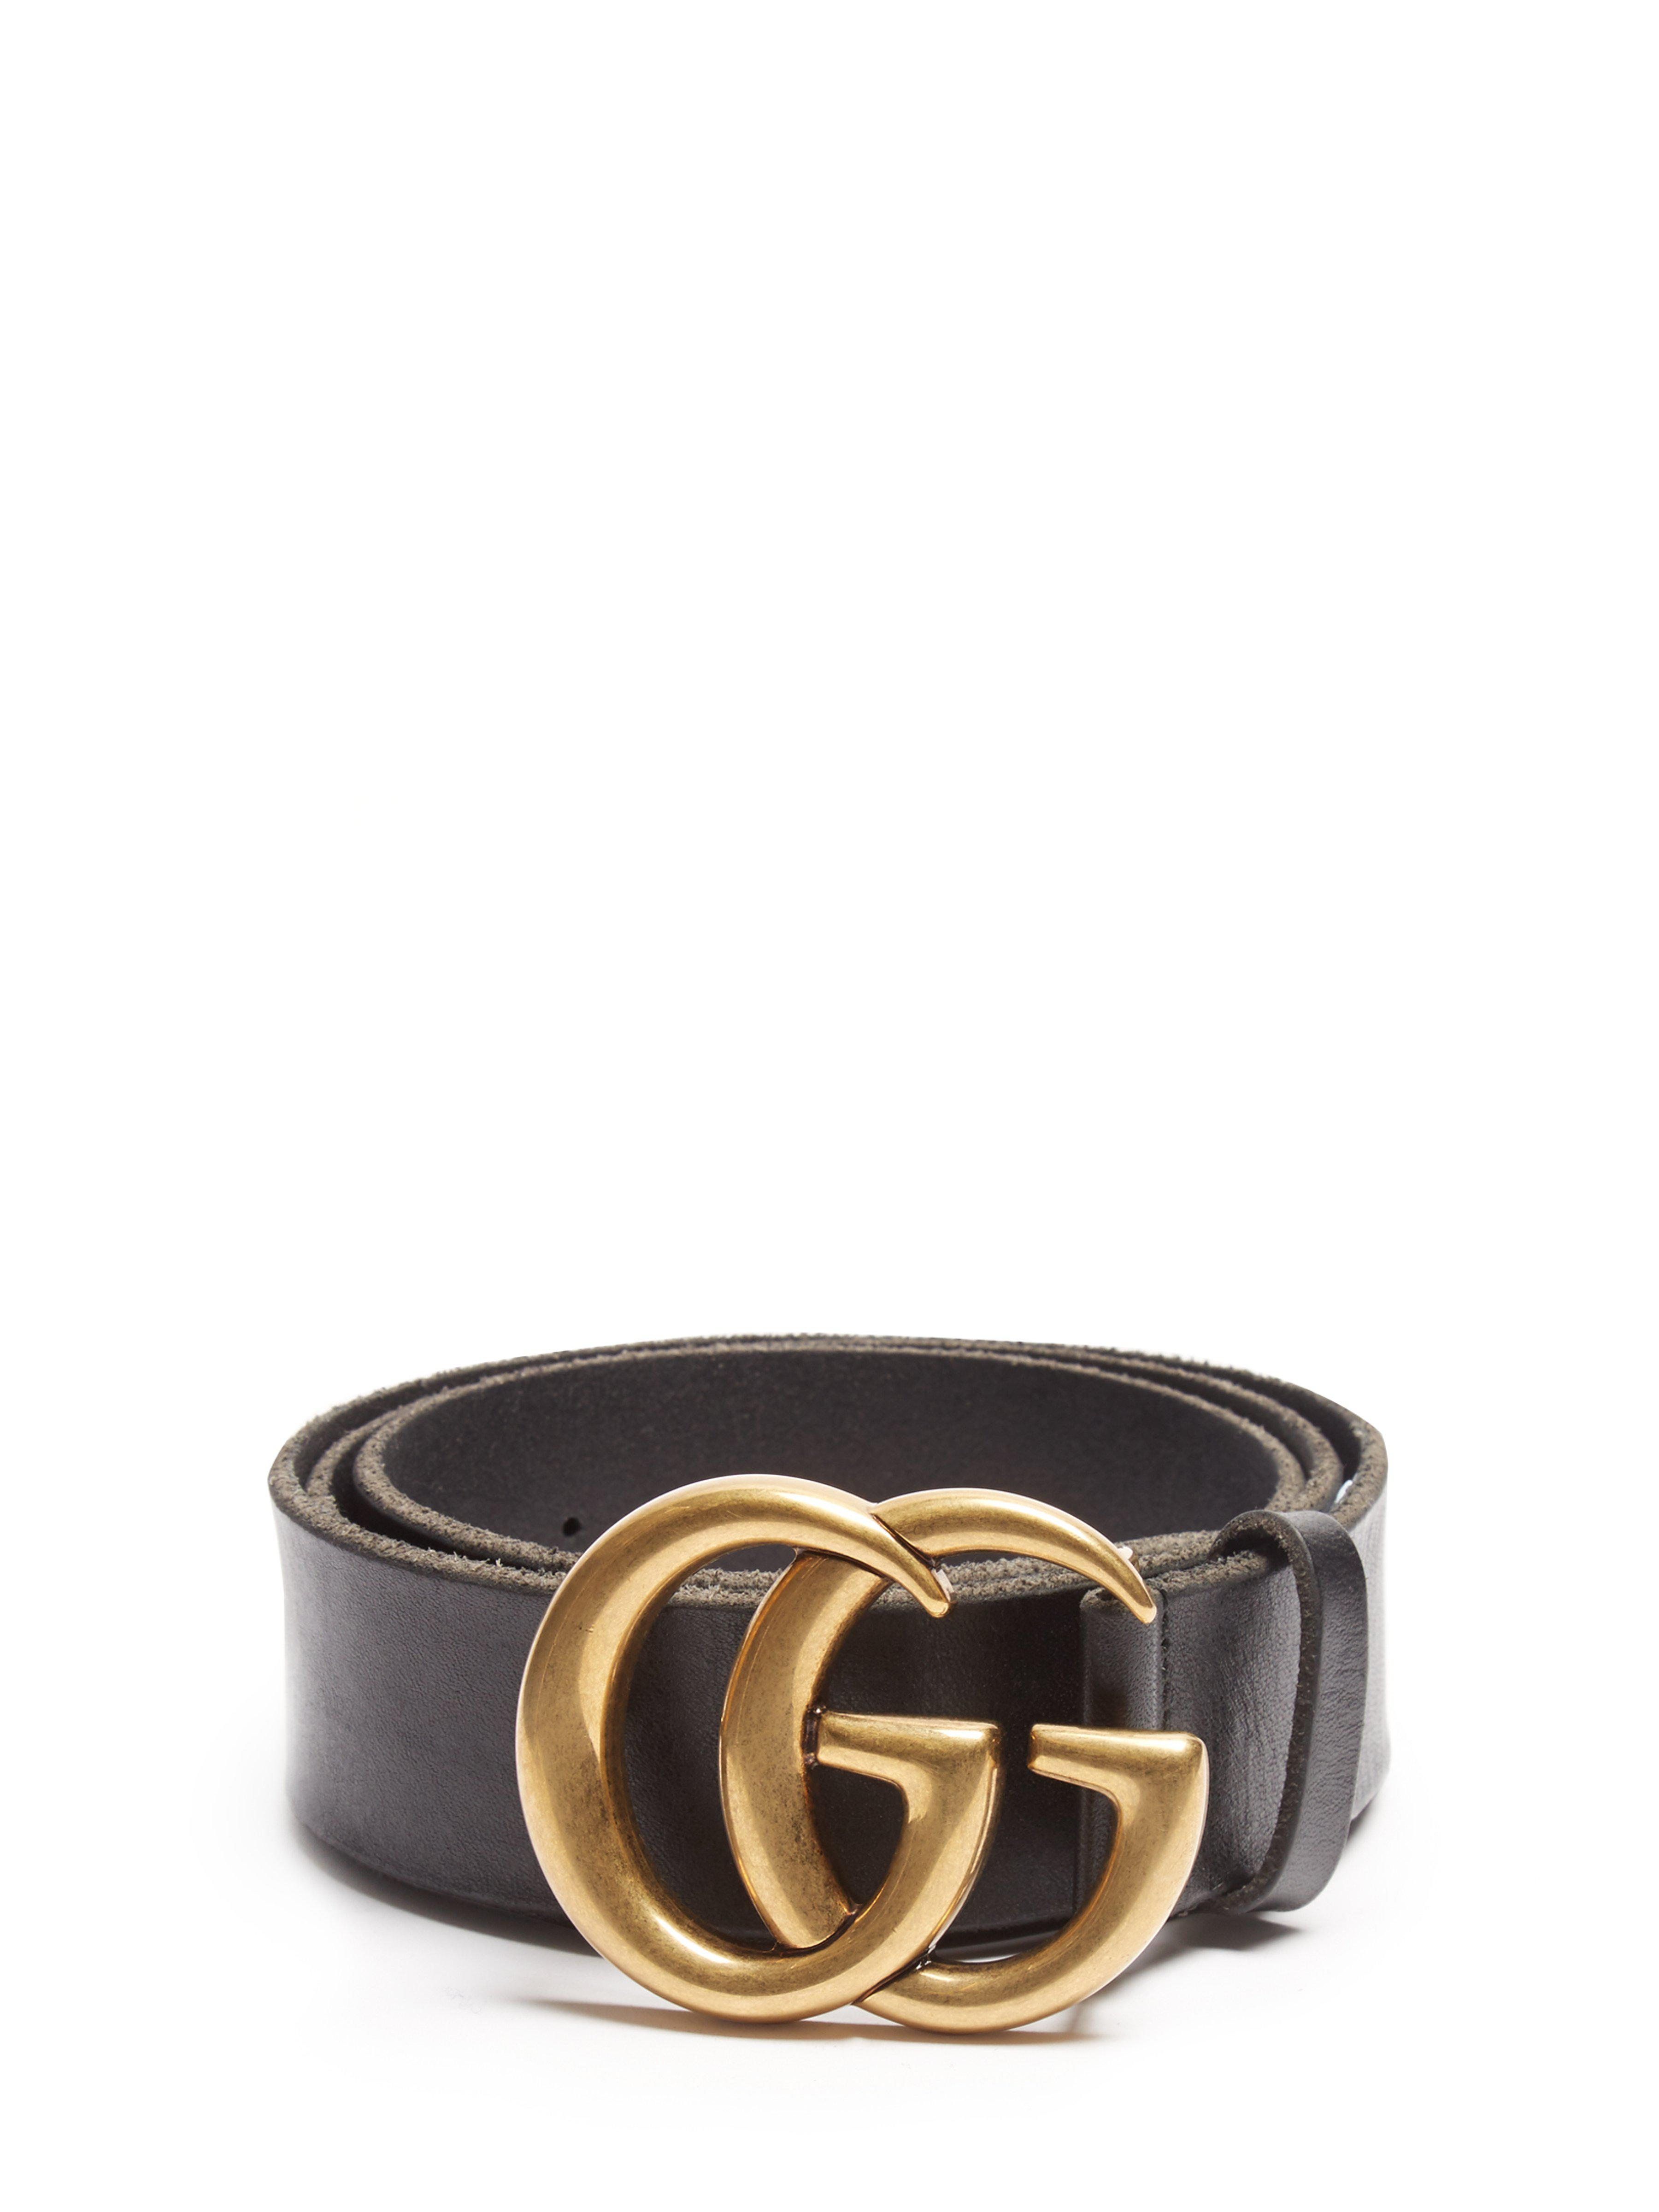 9f4c07905a2 Lyst - Ceinture en cuir GG Gucci pour homme en coloris Noir - 68 ...